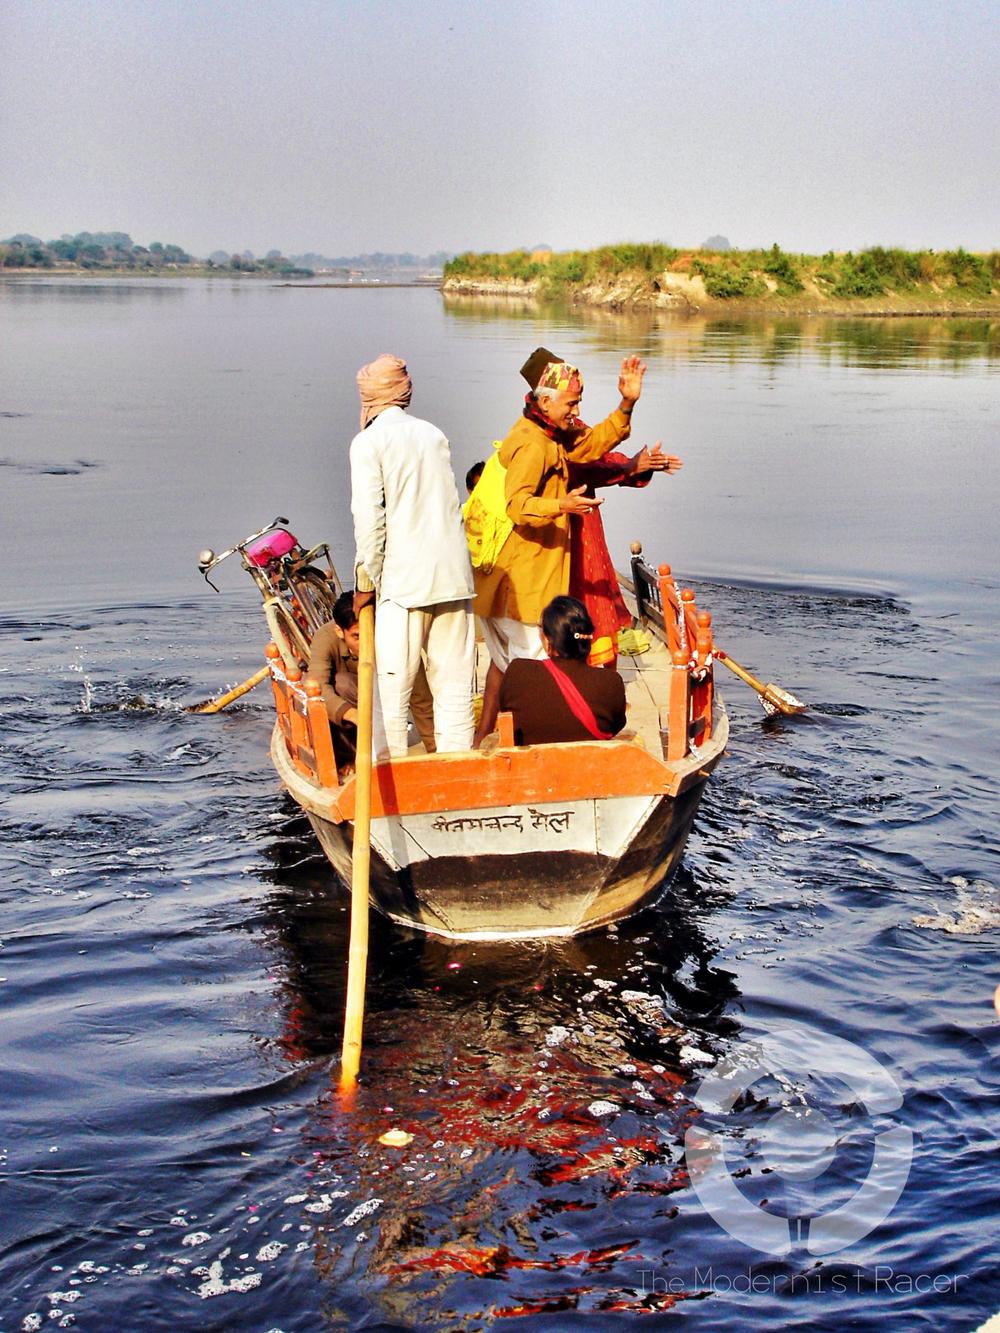 Men dancing at the Ganges river